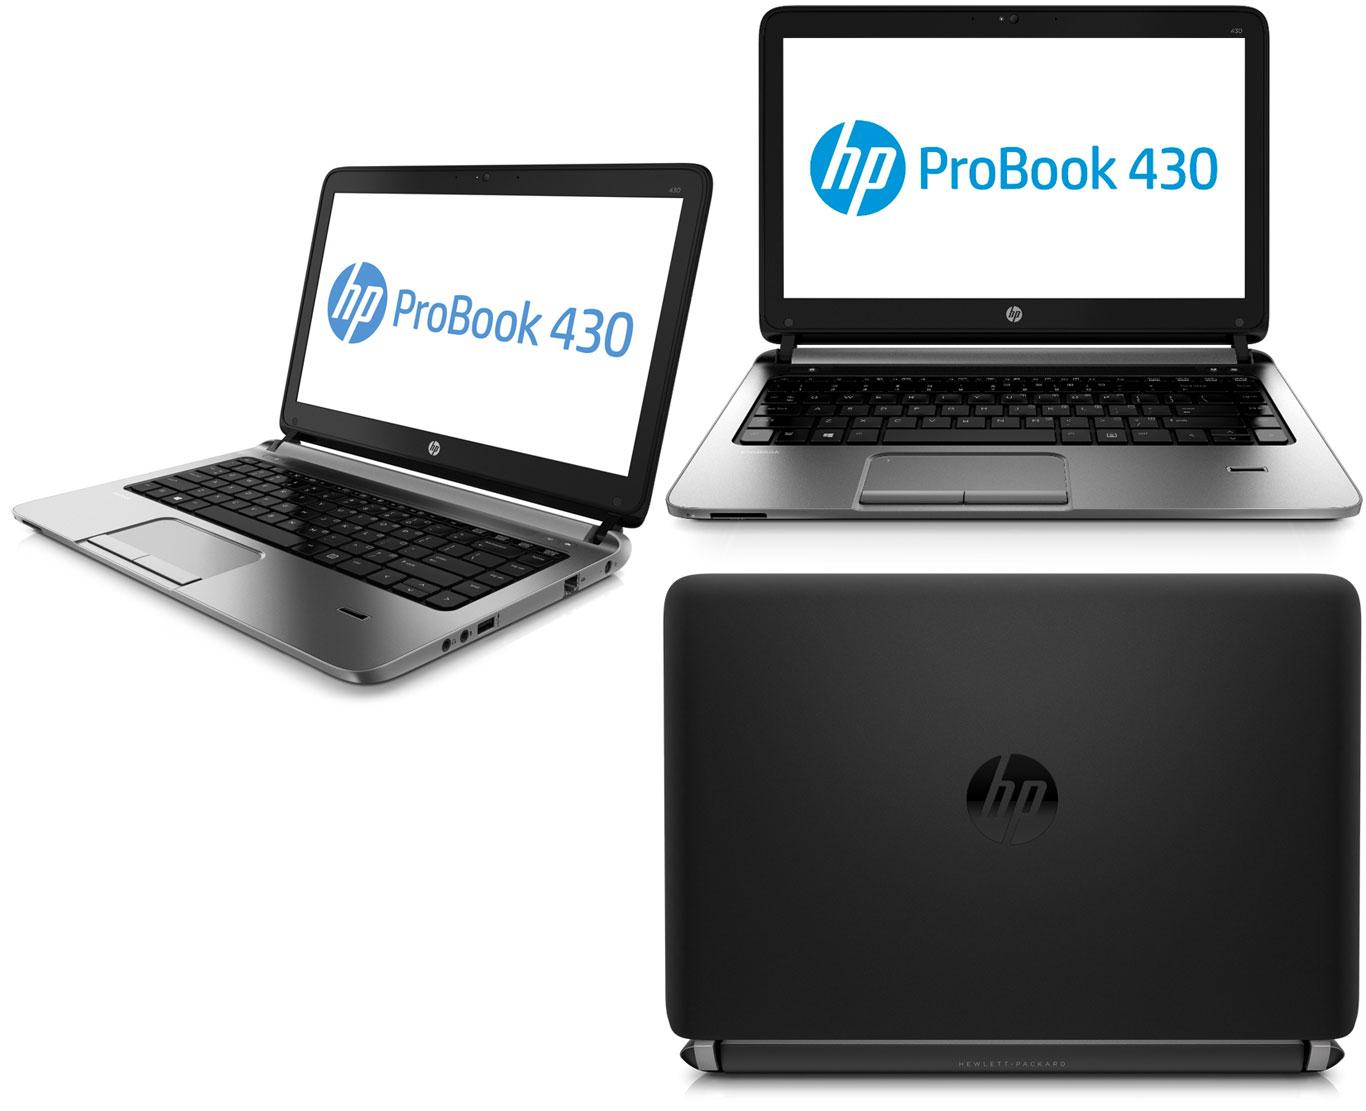 Dòng máy tính HP cũ mang tên ProBook 430 G1 rất được nhiều người ưa chuộng